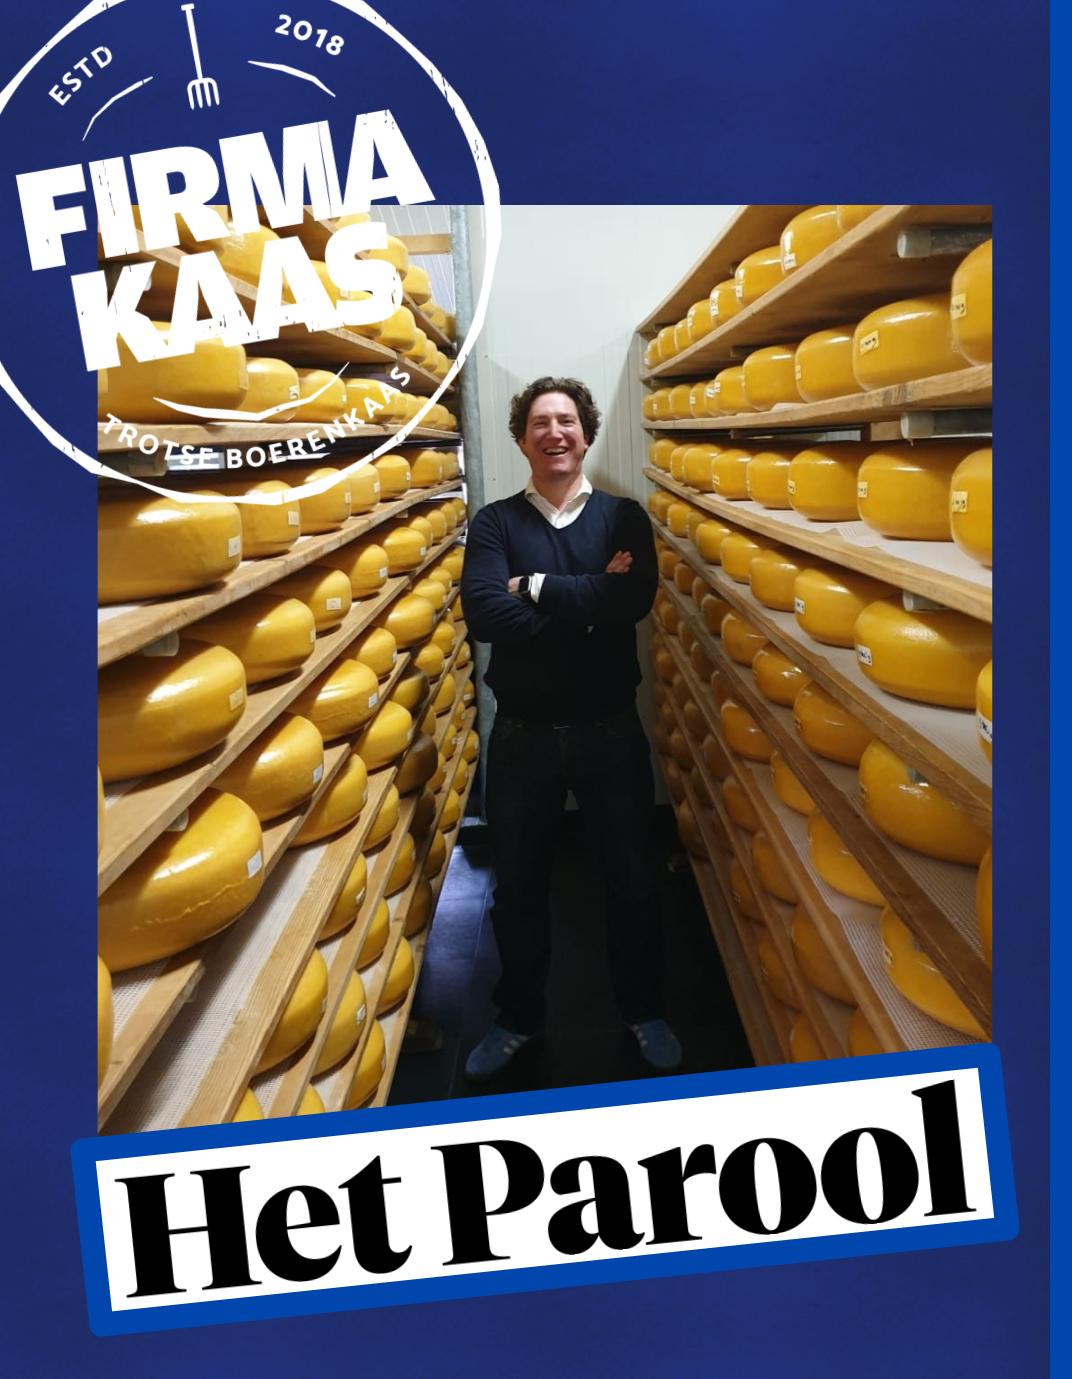 het parool de firma kaas